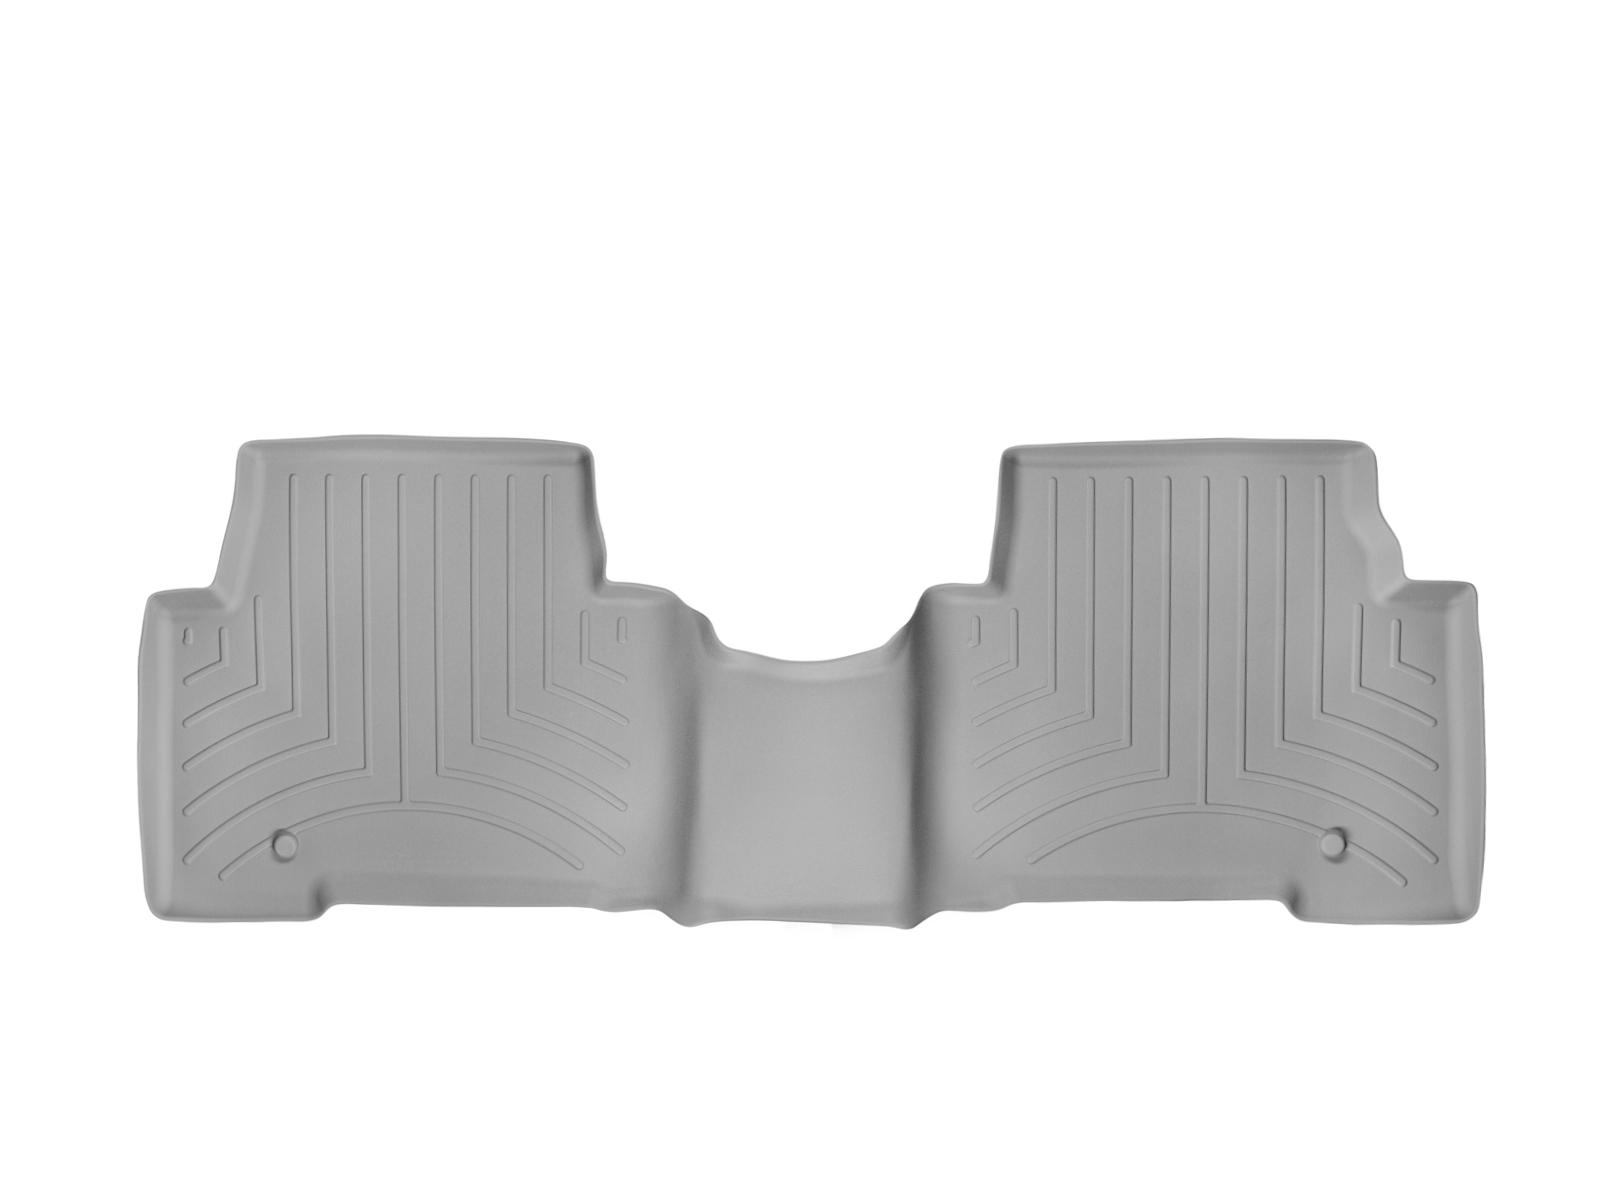 Tappeti gomma su misura bordo alto Hyundai Santa Fe 13>17 Grigio A1491